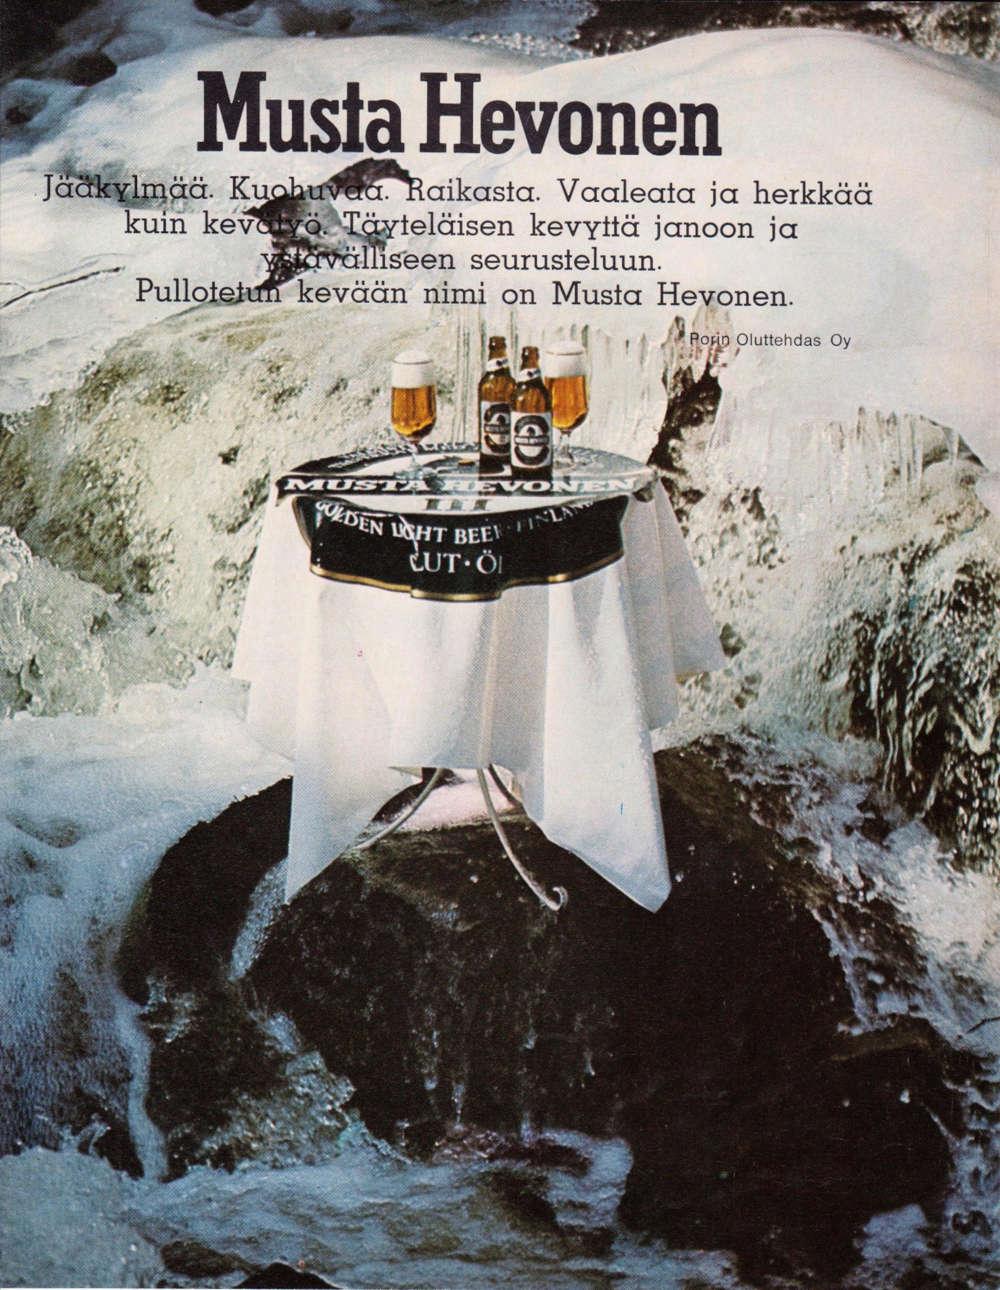 Musta Hevonen olutmainos